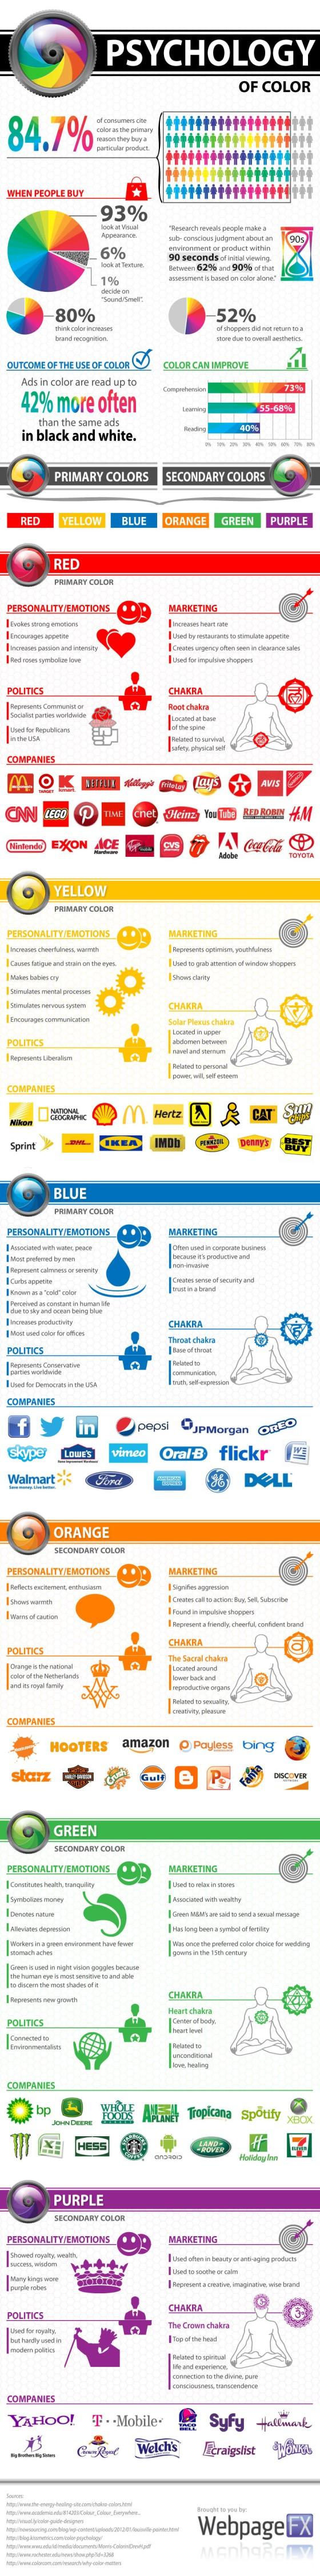 inforgrafia psicologia color